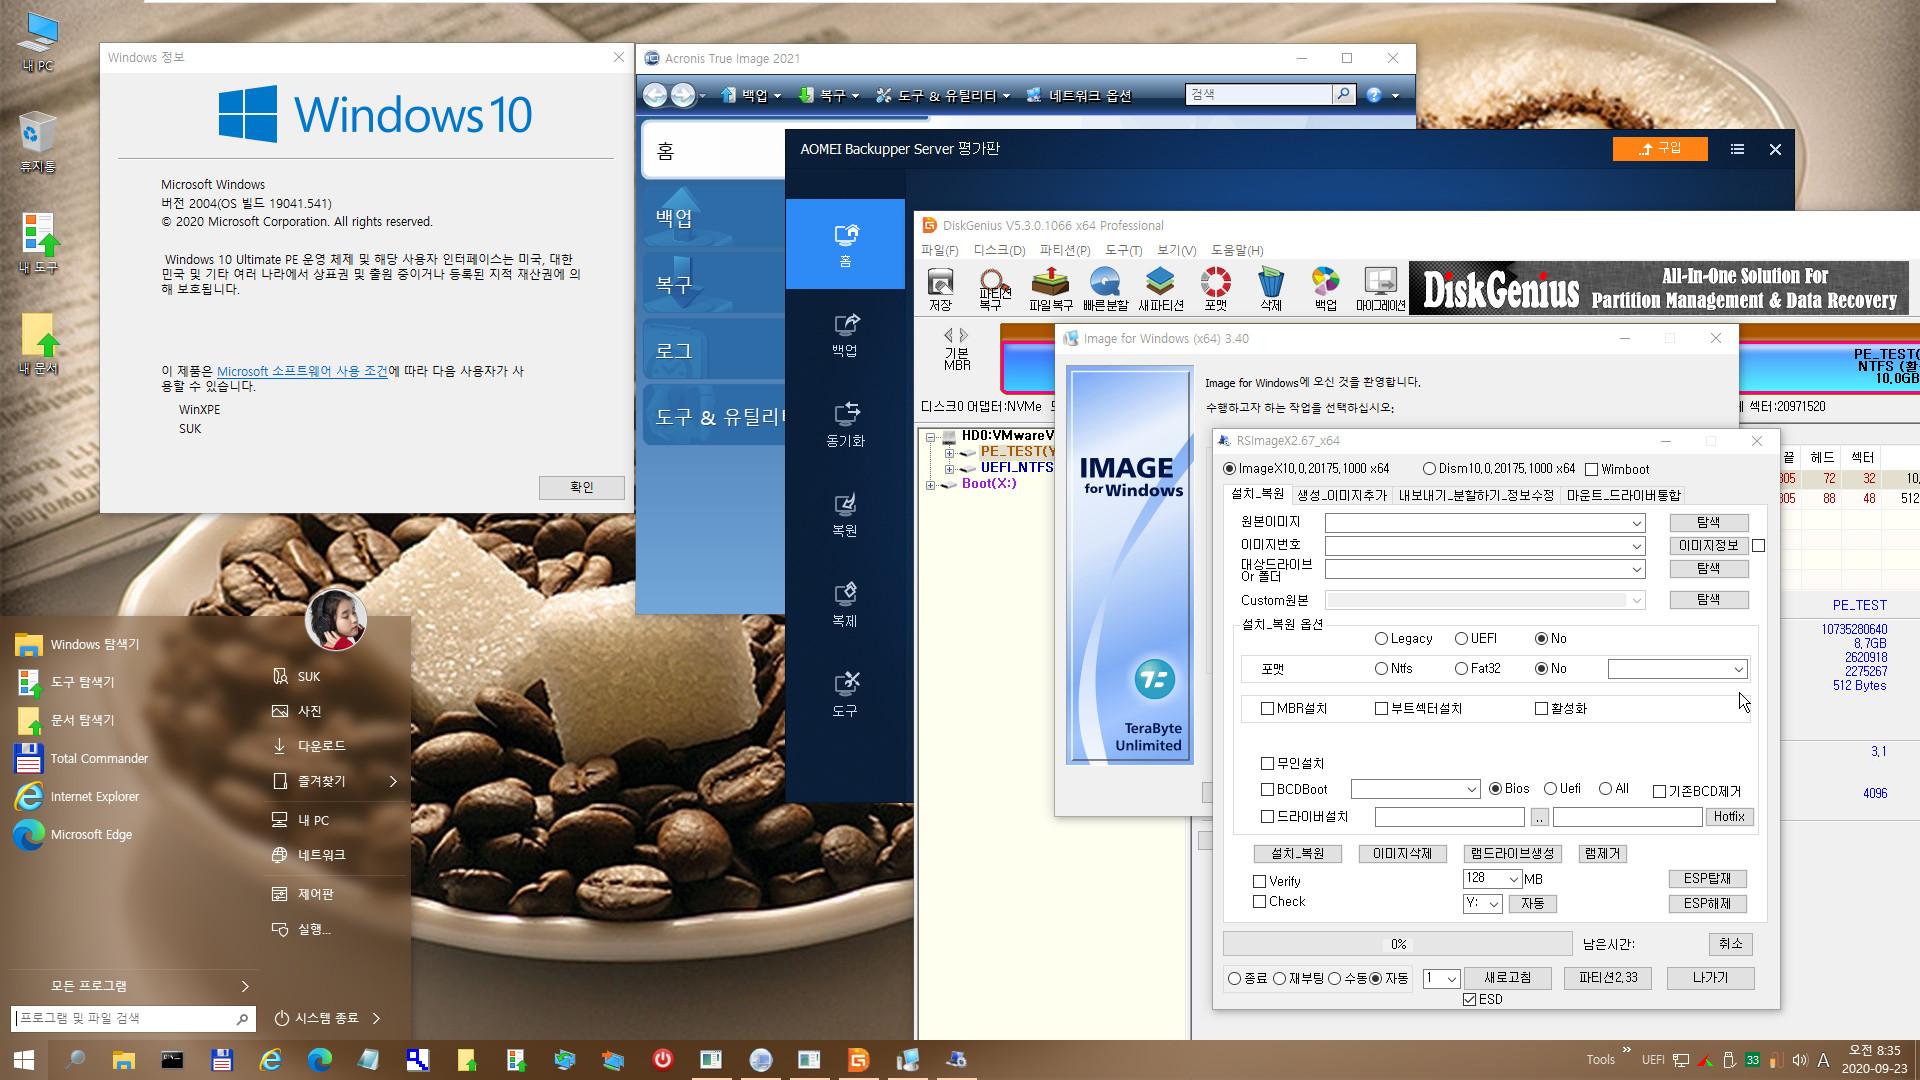 2020-09-23 업데이트 통합 PRO x64 2개 - Windows 10 버전 2004 + 버전 20H2 누적 업데이트 KB4577063 (OS 빌드 19041.541 + 19042.541) - PE 만들기 테스트 2020-09-23_083522.jpg